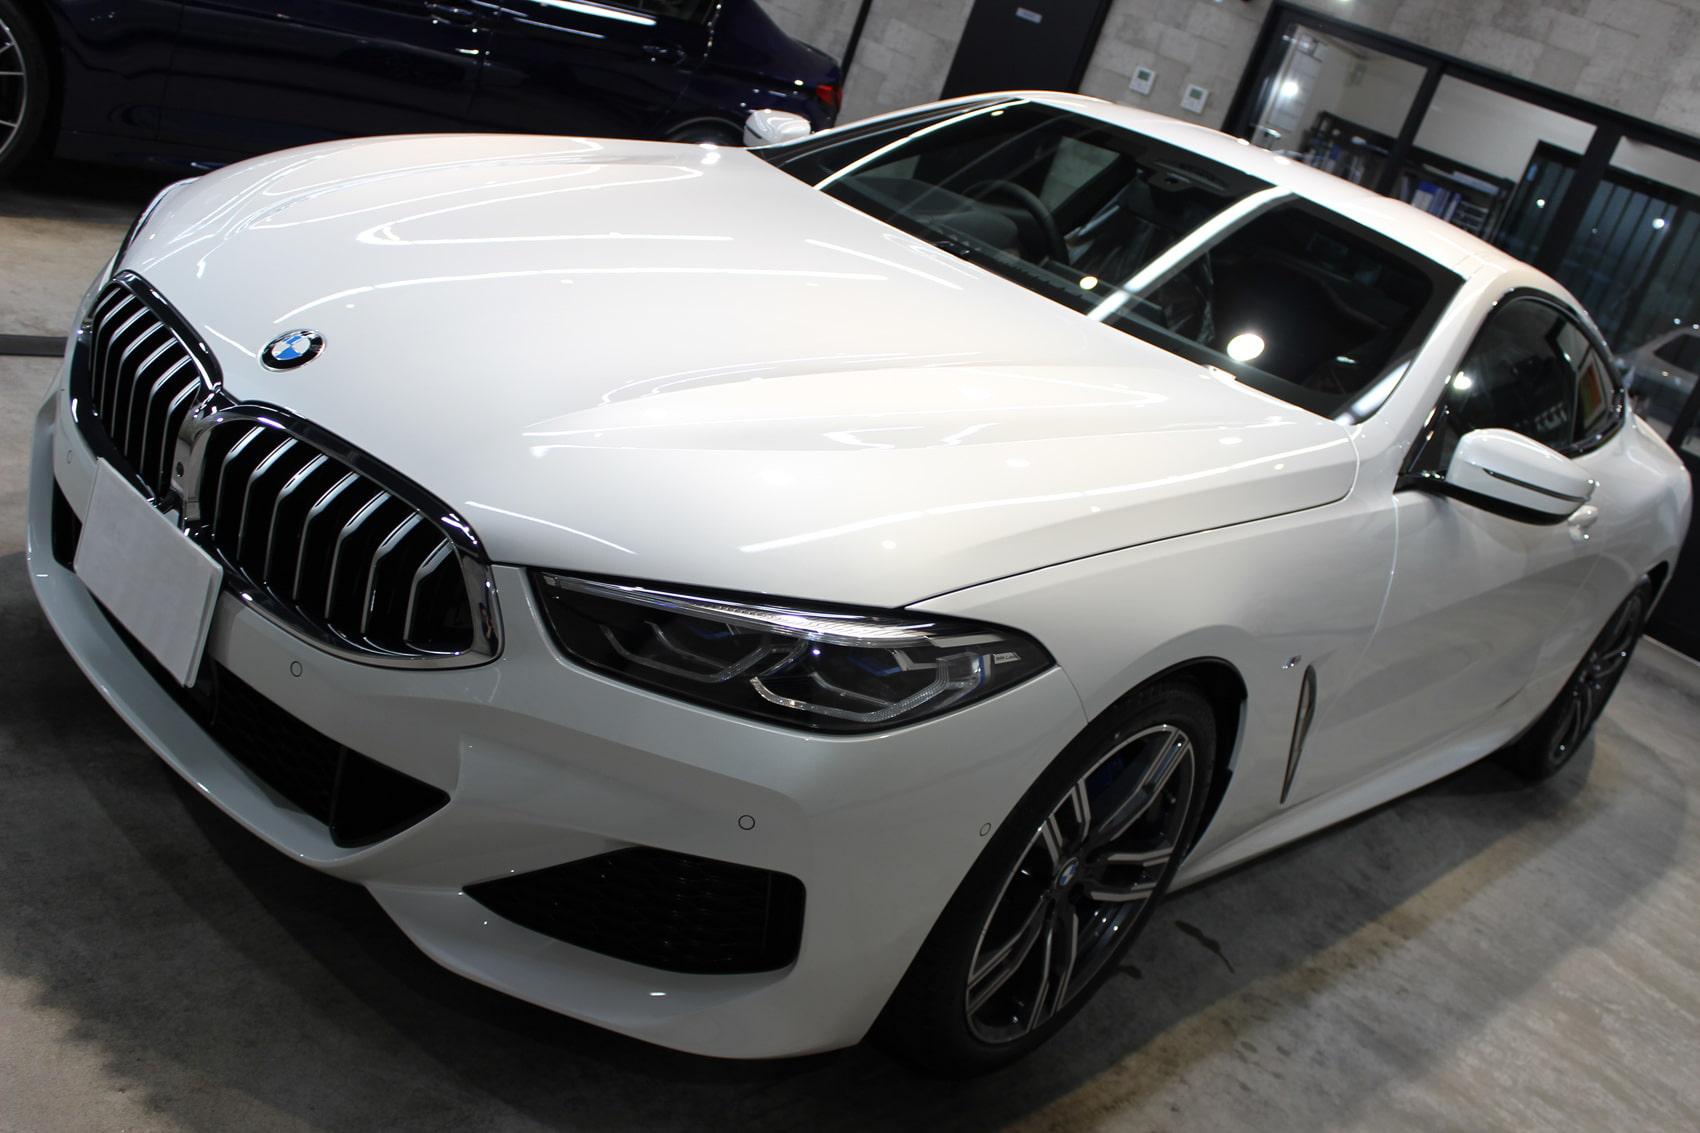 BMW 840iクーペ ミネラルホワイト ボンネット左